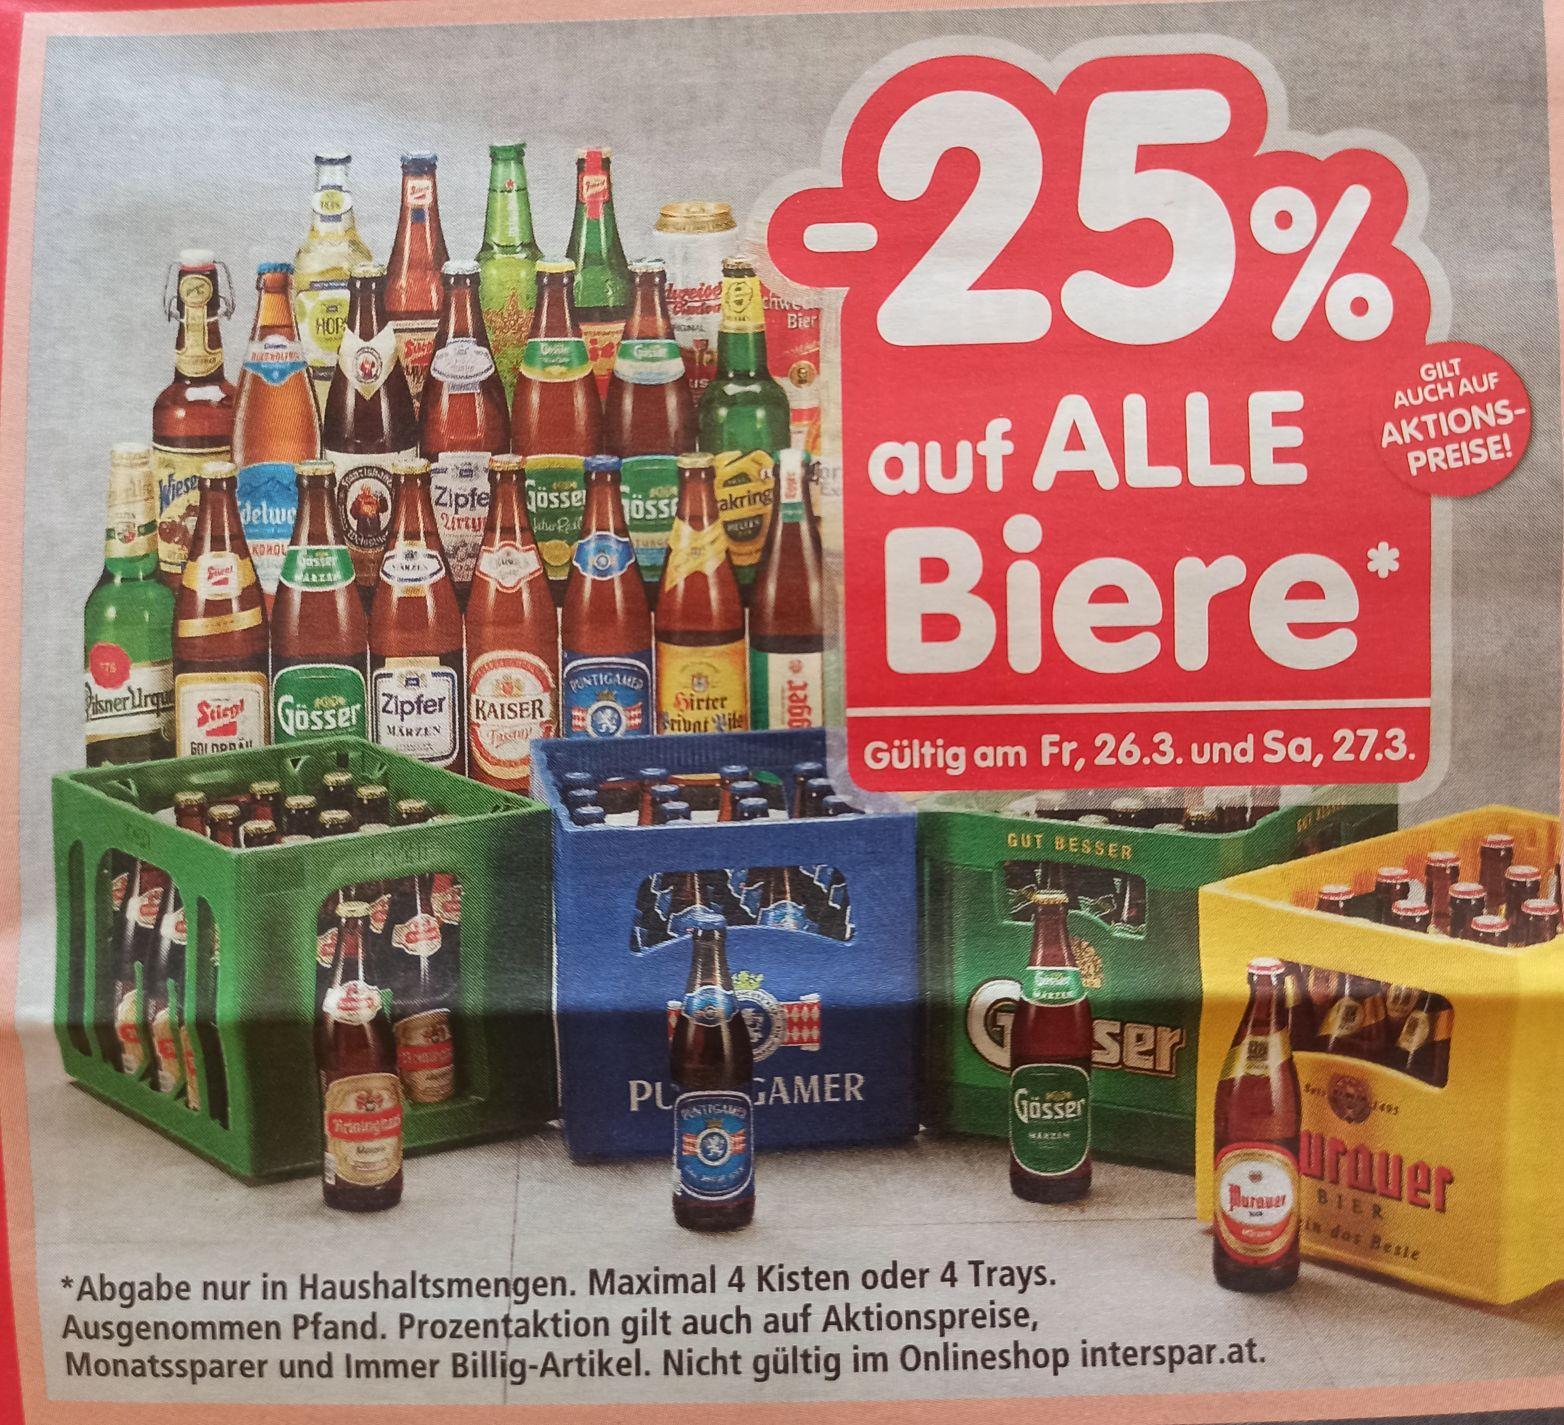 Interspar -25% (und Premium & TK) auf Bier & 20% auf Spielwaren - nur Freitag & Samstag!